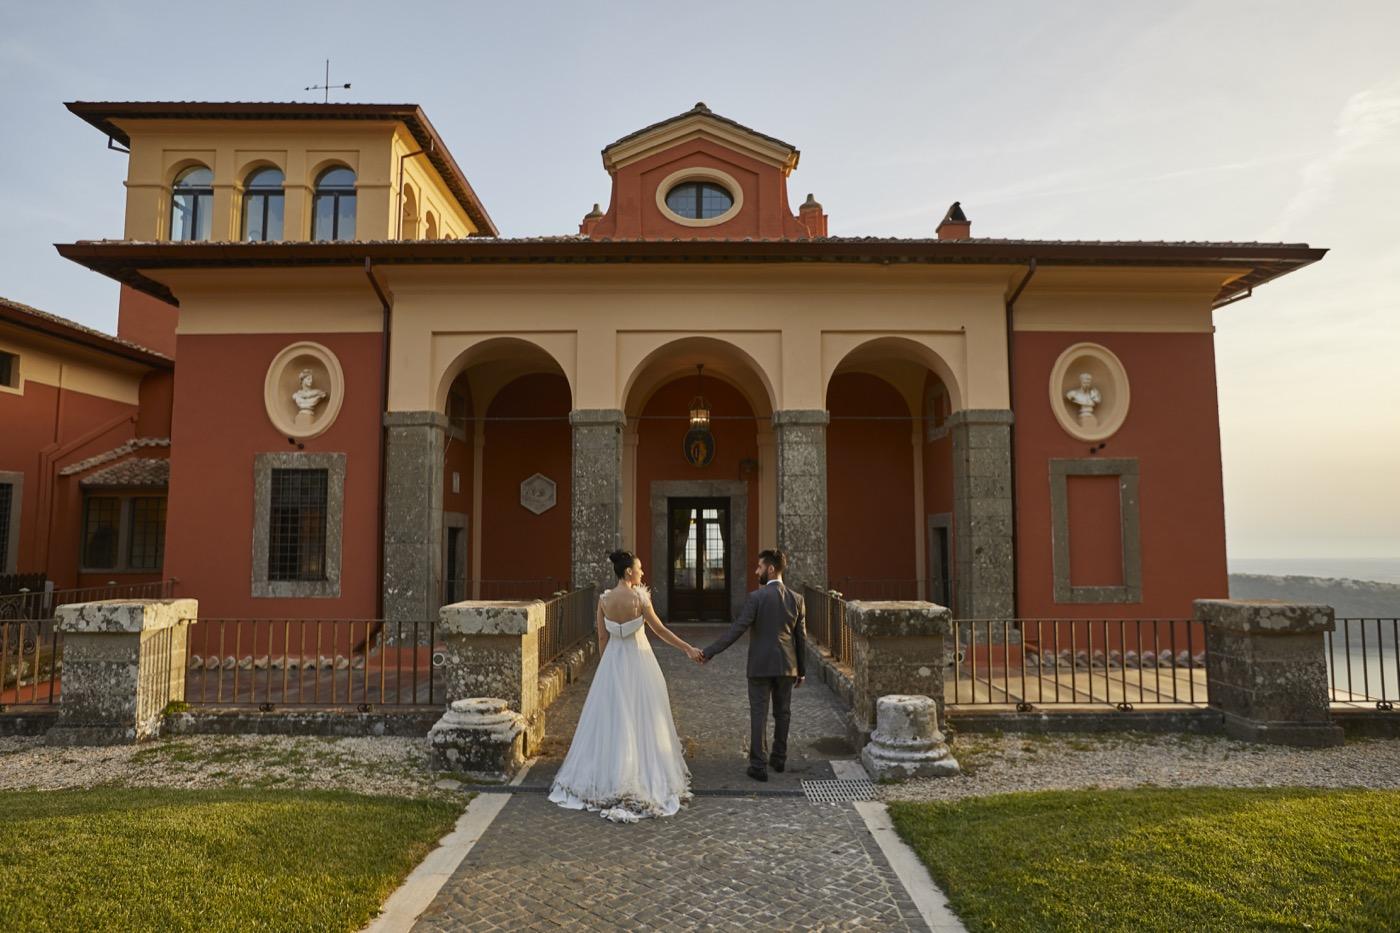 Claudio-Coppola-wedding-photographer-villa-del-cardinale-rocca-di-papa-castel-gandolfo-87